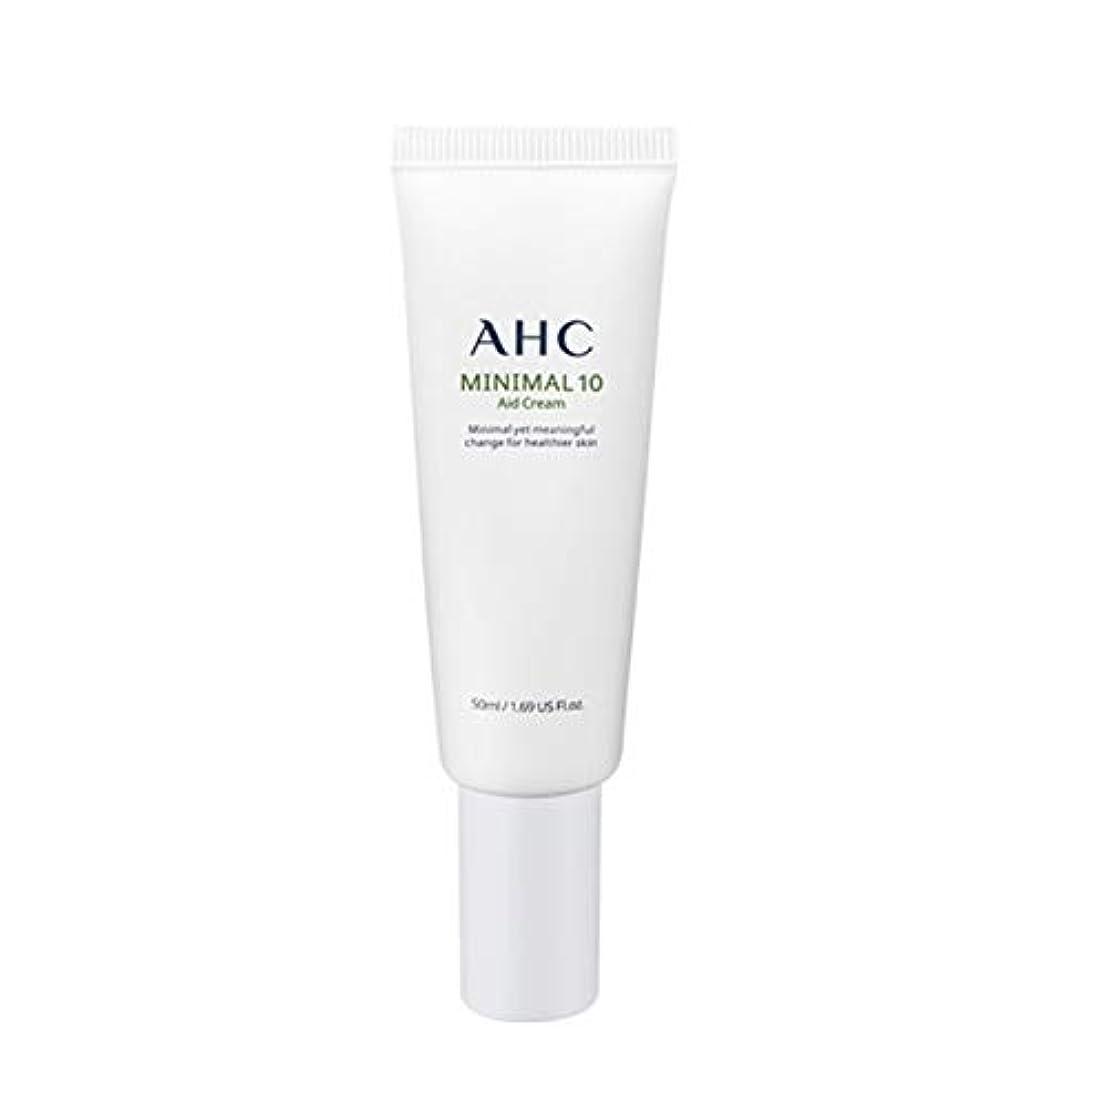 特徴づけるベンチ細菌AHC ミニマル10エイドクリーム 50ml / AHC MINIMAL 10 AID CREAM 50ml [並行輸入品]